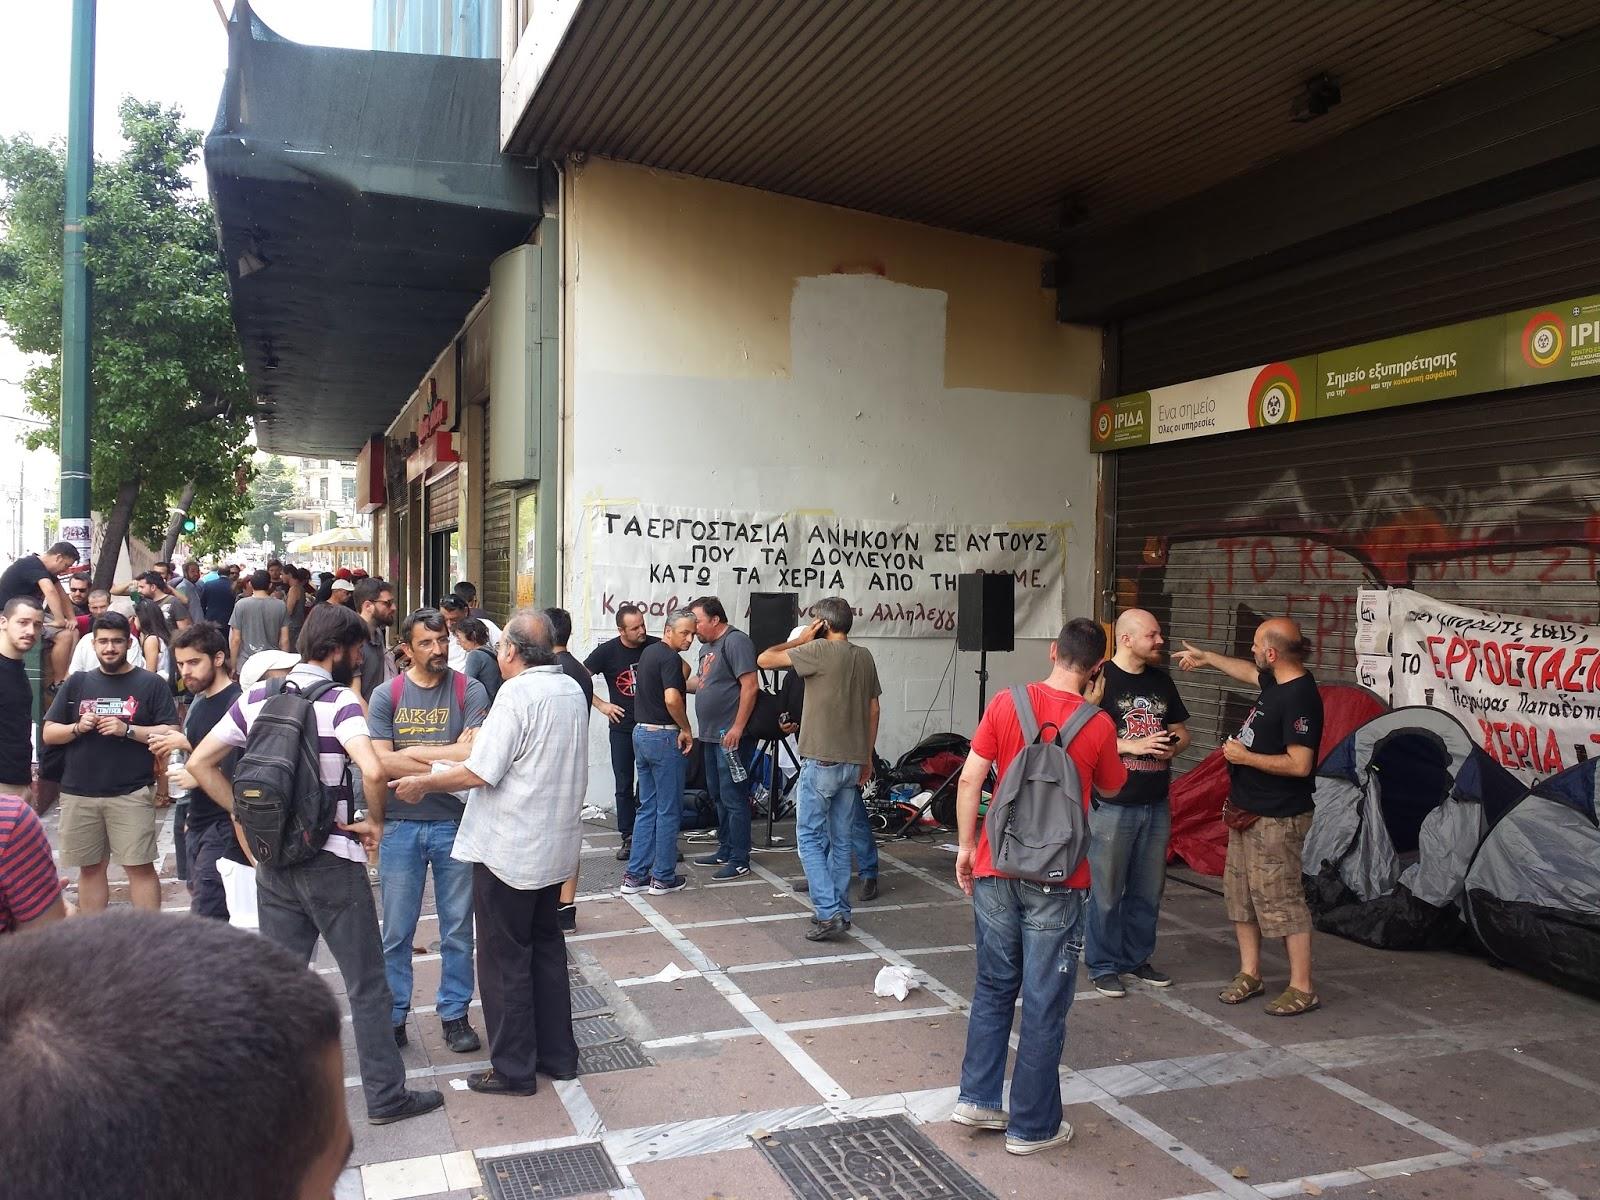 Επίθεση των ΜΑΤ σε εργαζόμενους της ΒΙΟΜΕ έξω από το Υπουργείο Εργασίας